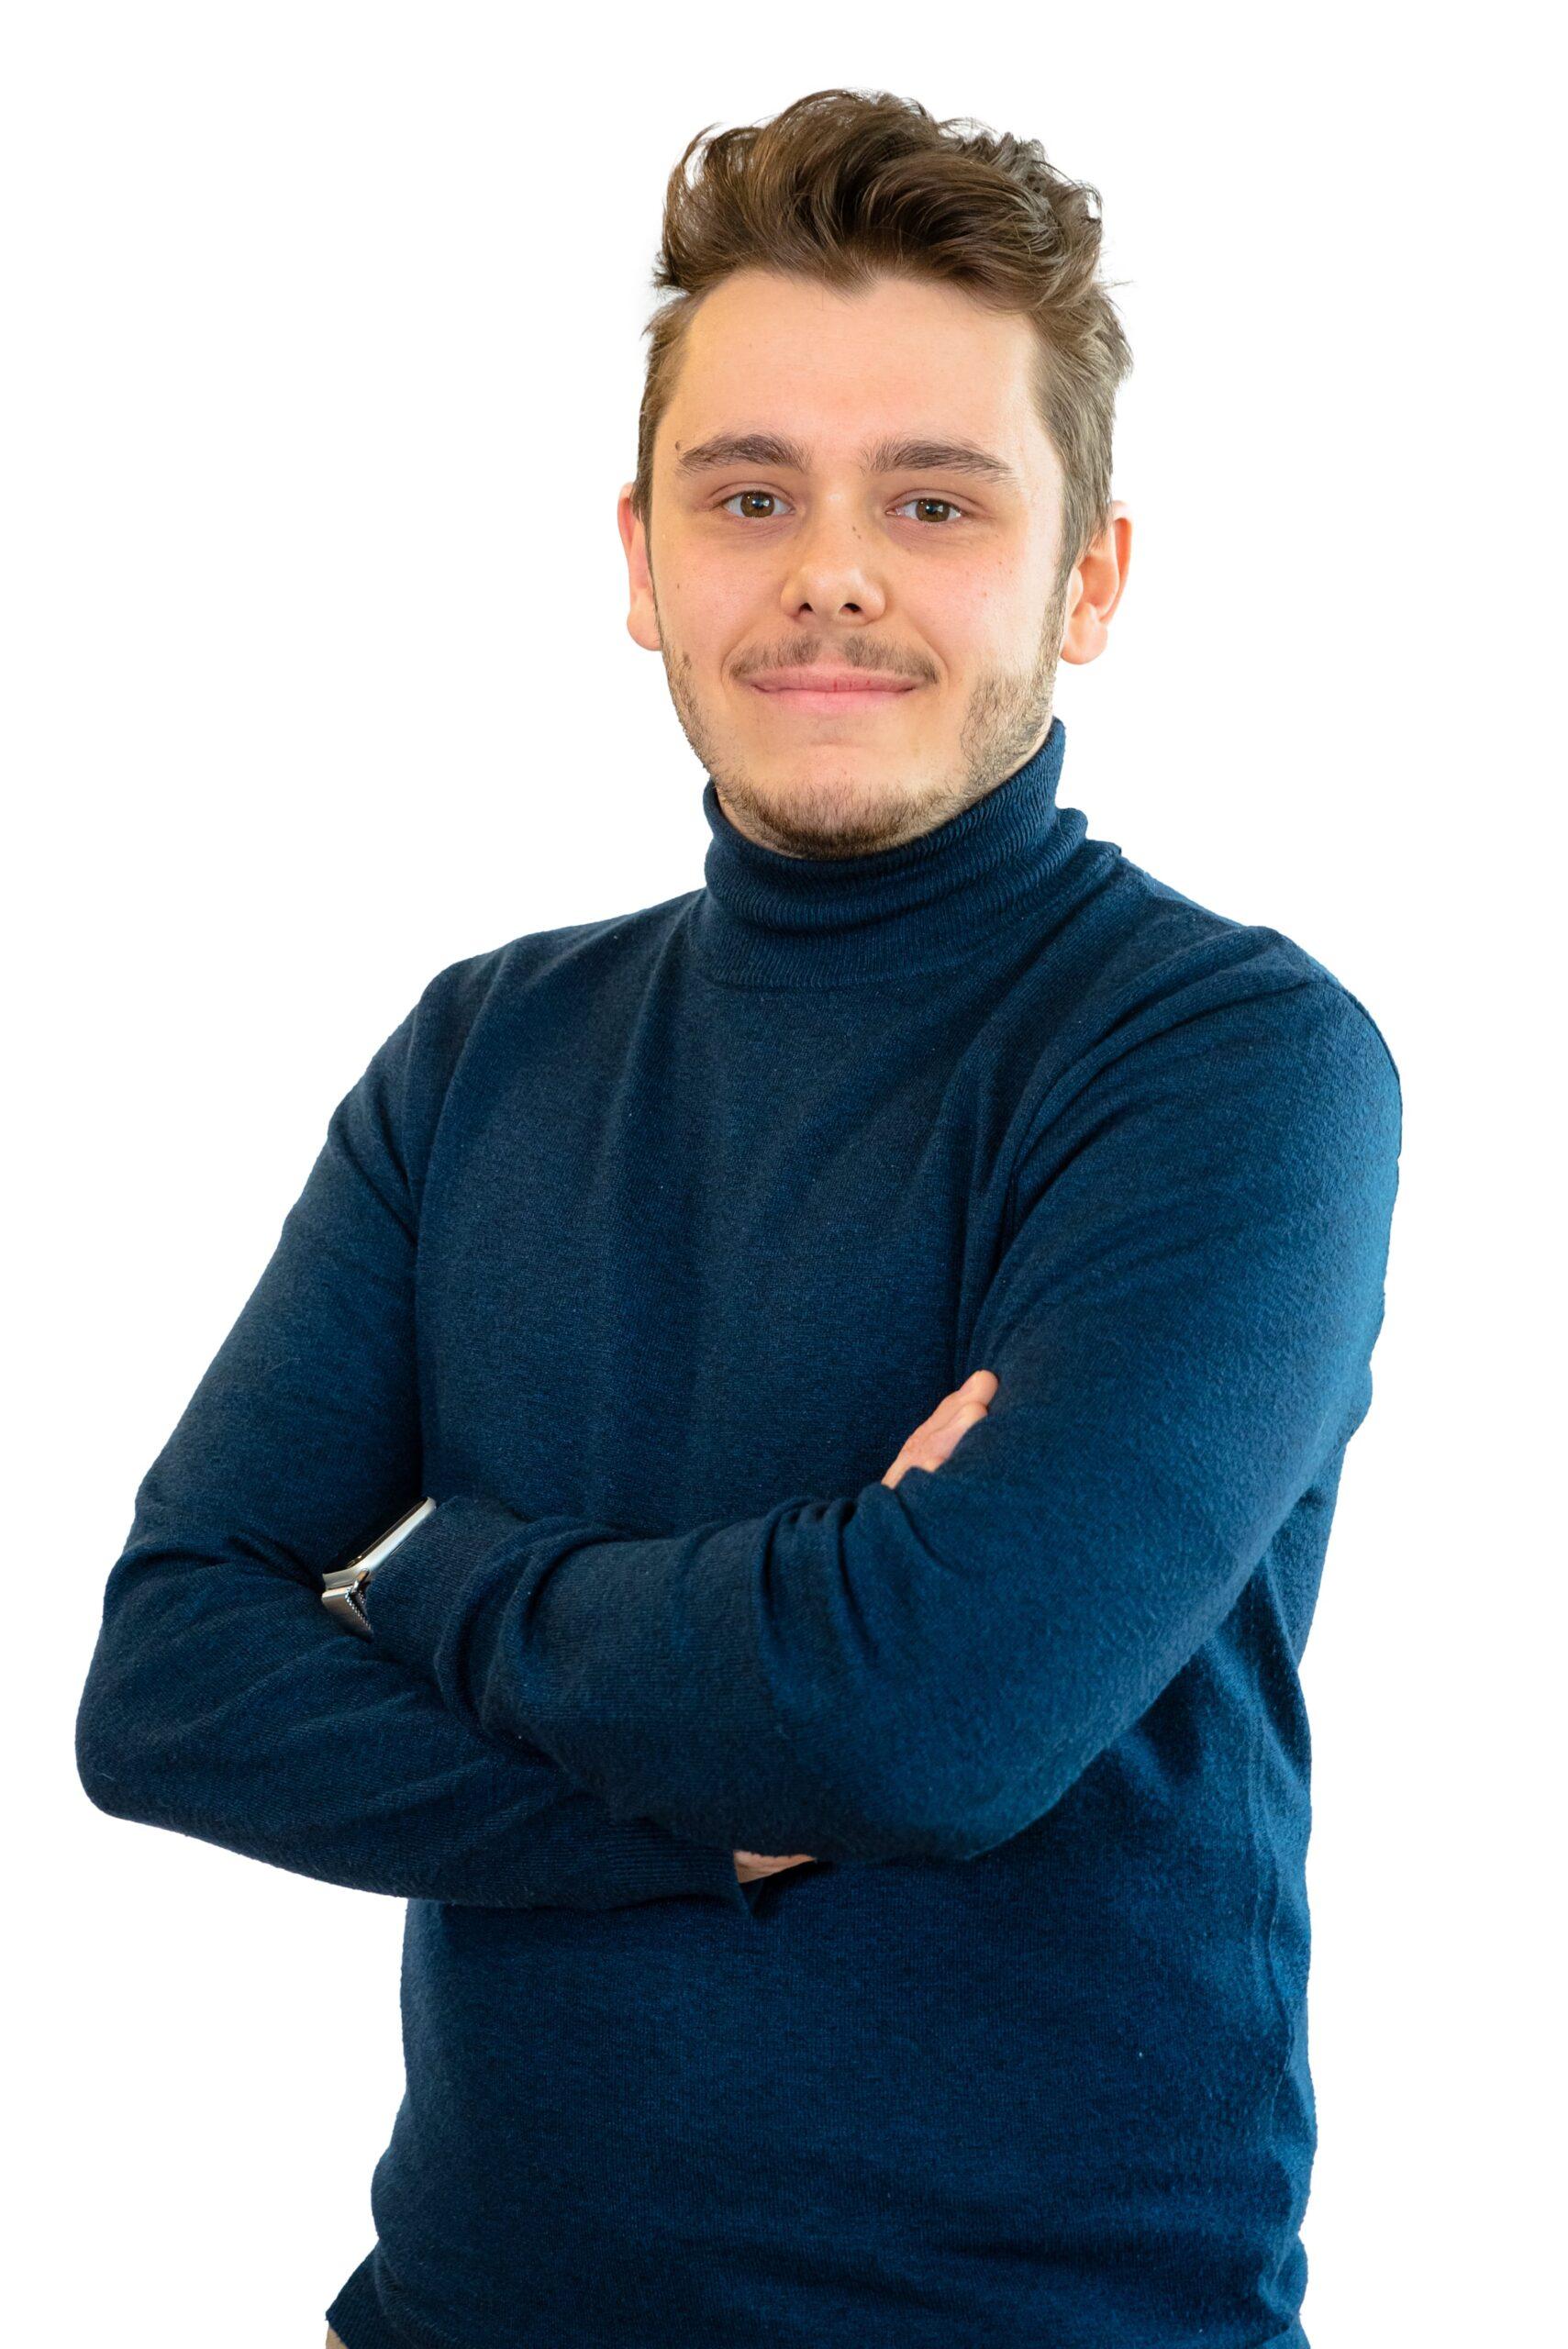 Bryan Medica